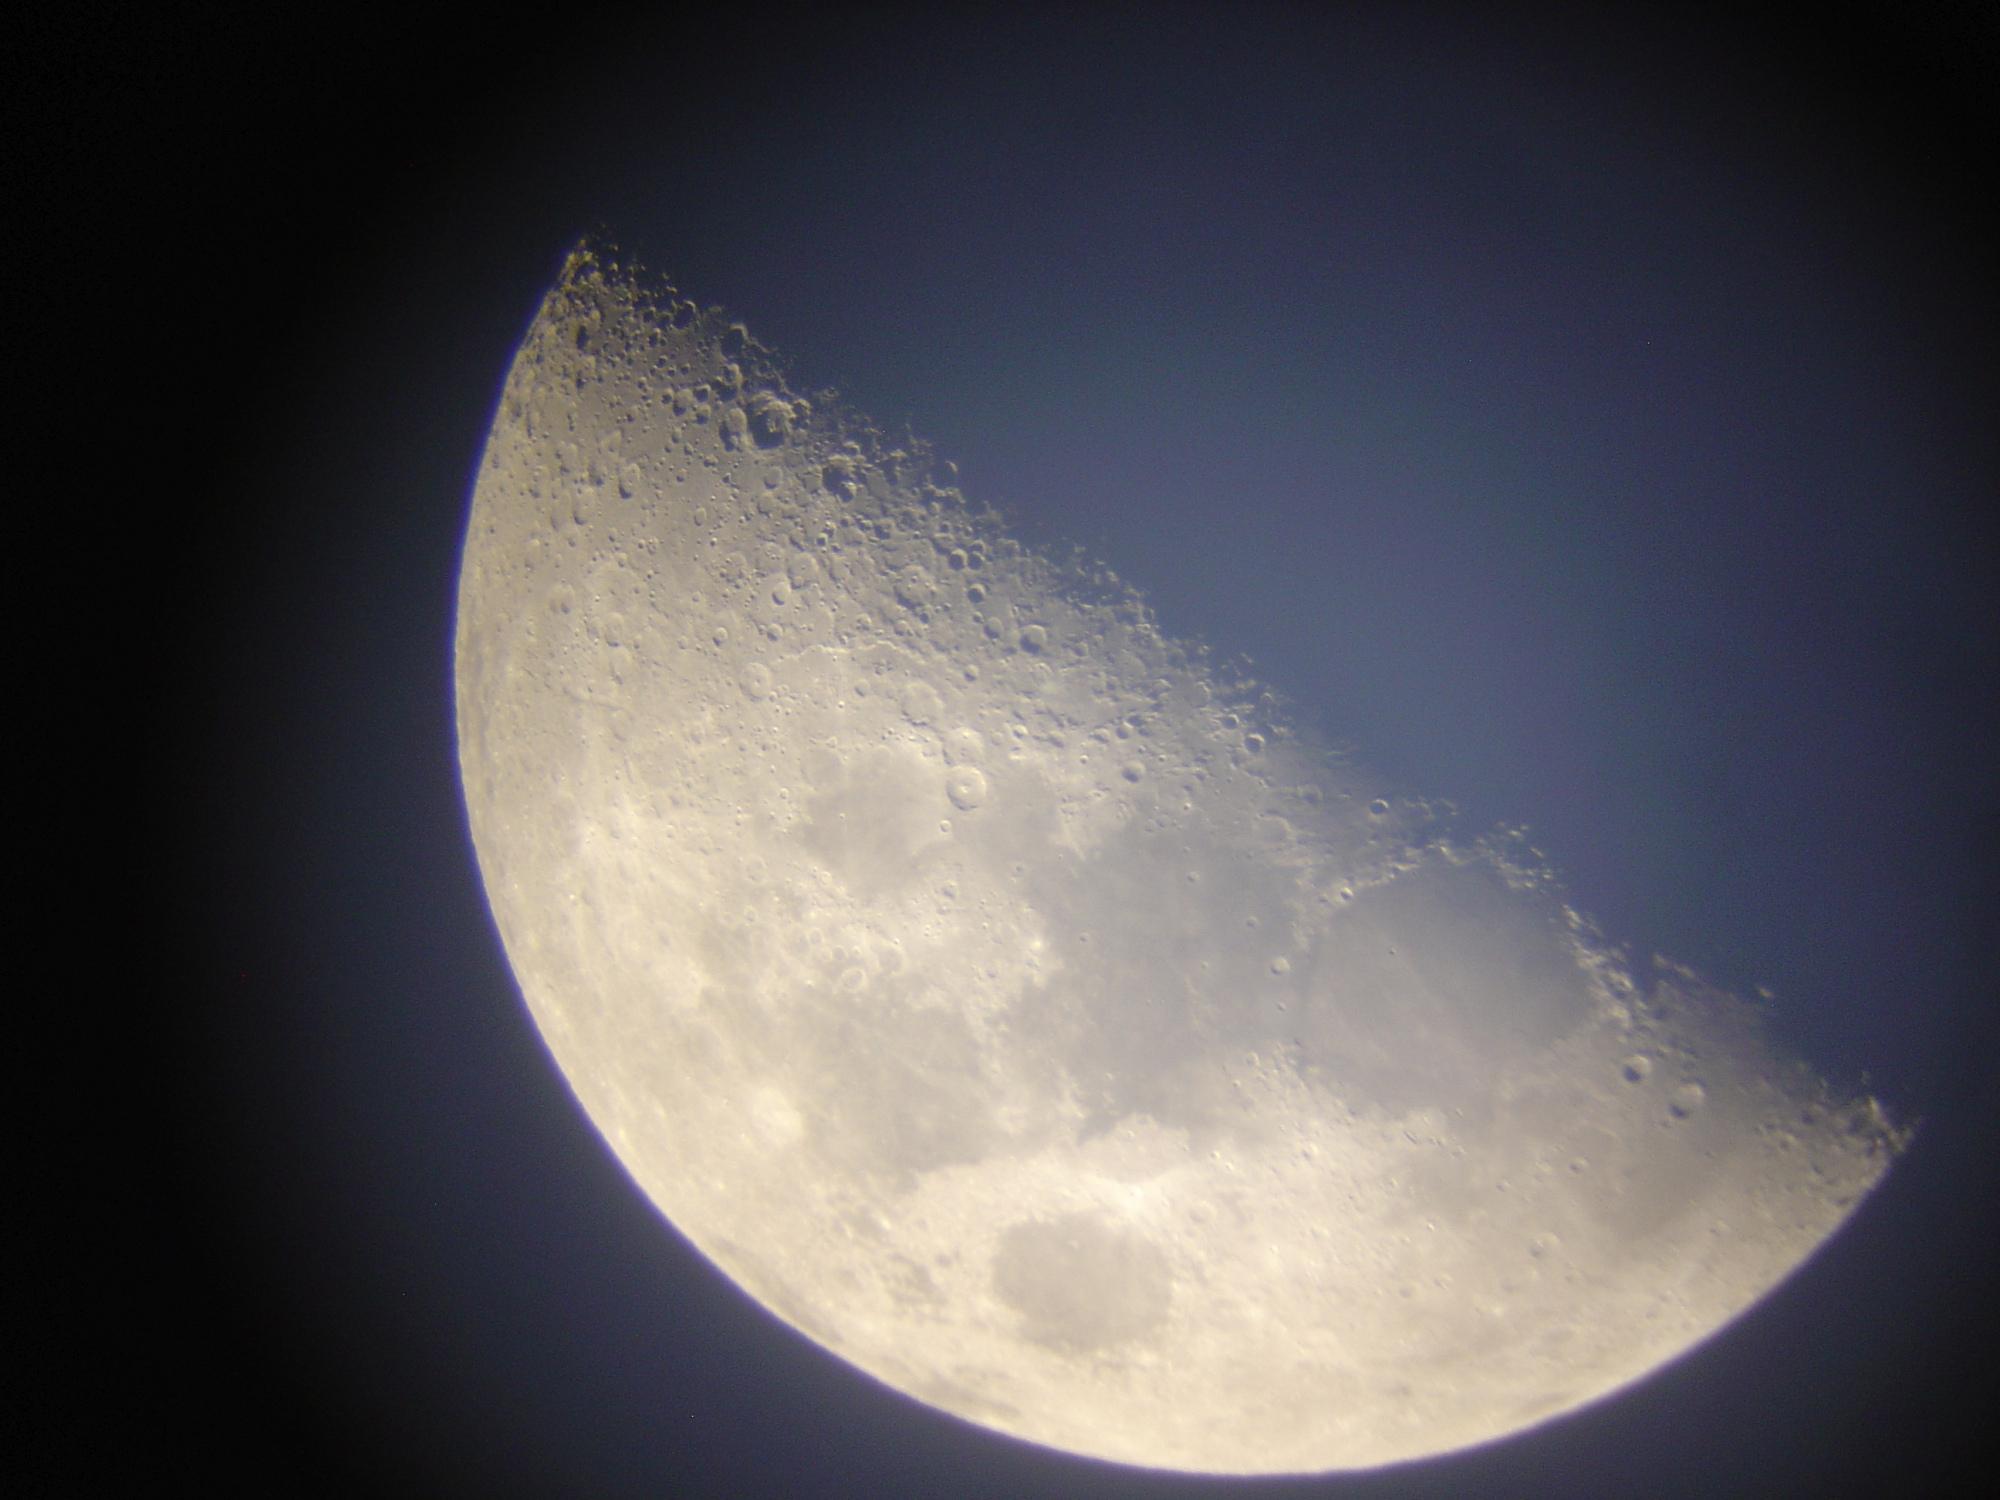 9 lune 150 newton nagler de 16 ou 9 bof  .jpg